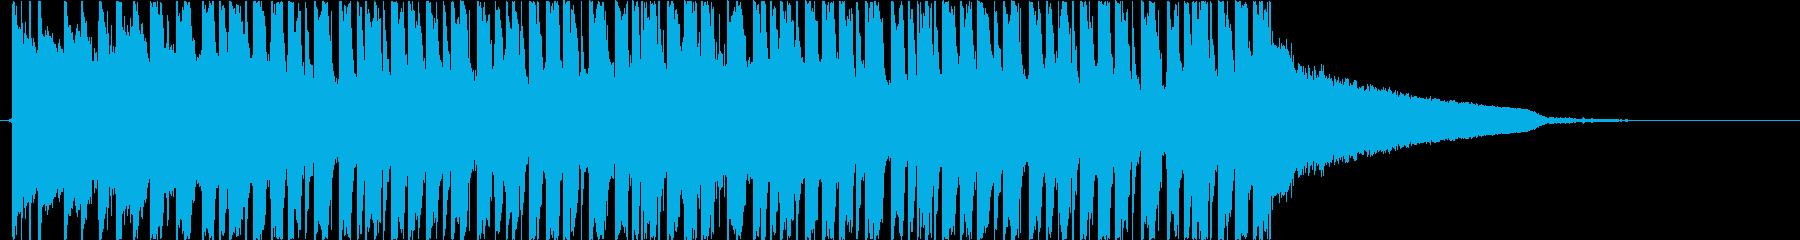 トロピカルハウス 夏 爽やかの再生済みの波形